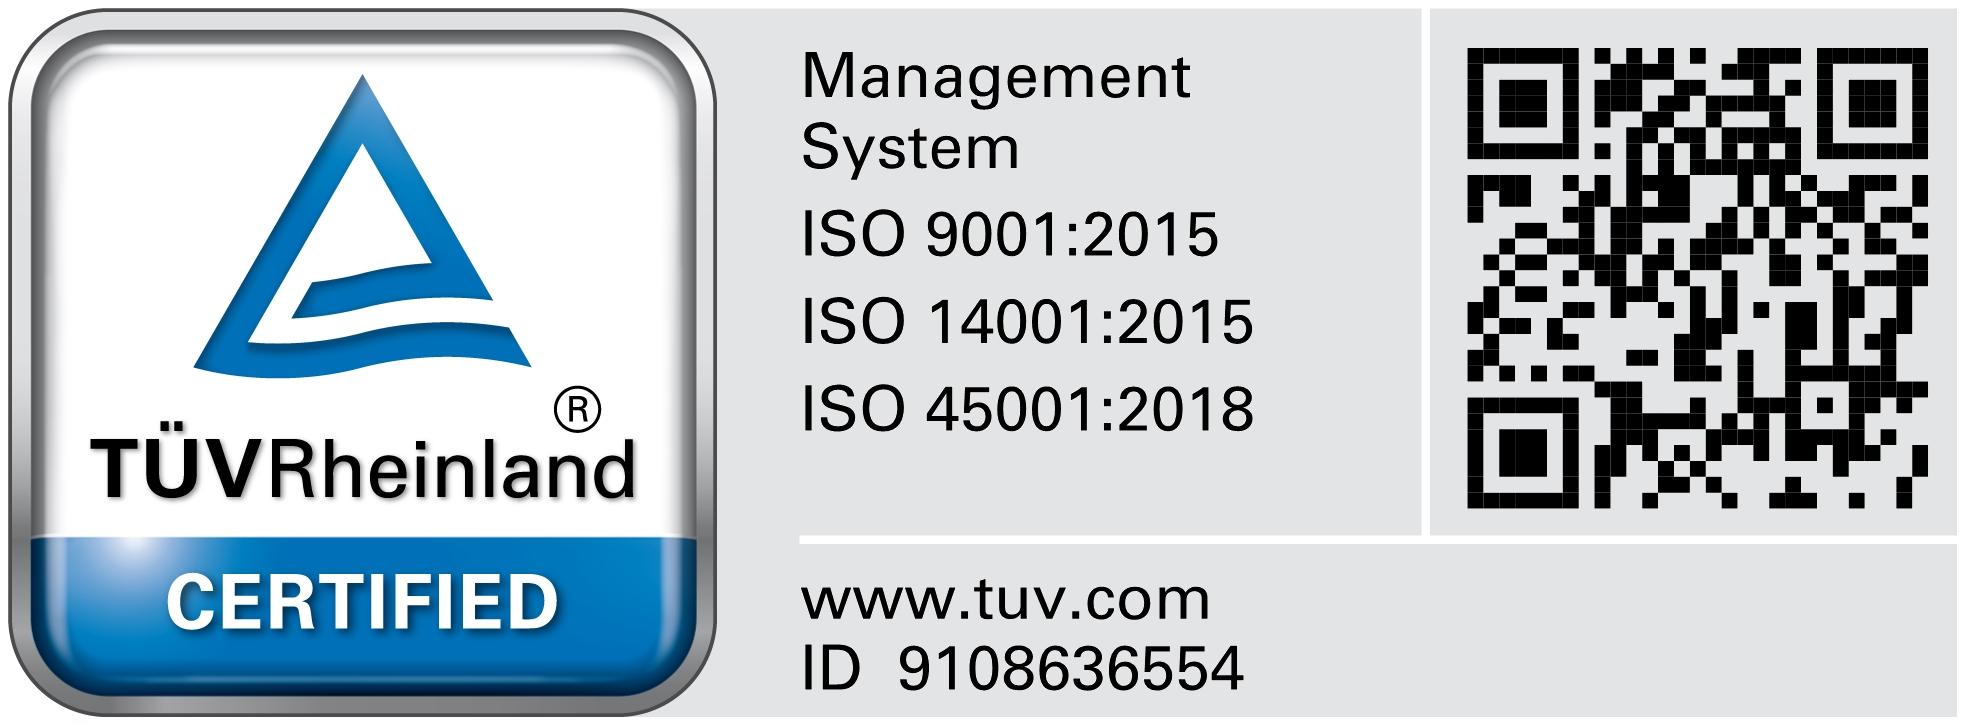 TR-Testmark_9108636554_EN_CMYK_with-QR-Code